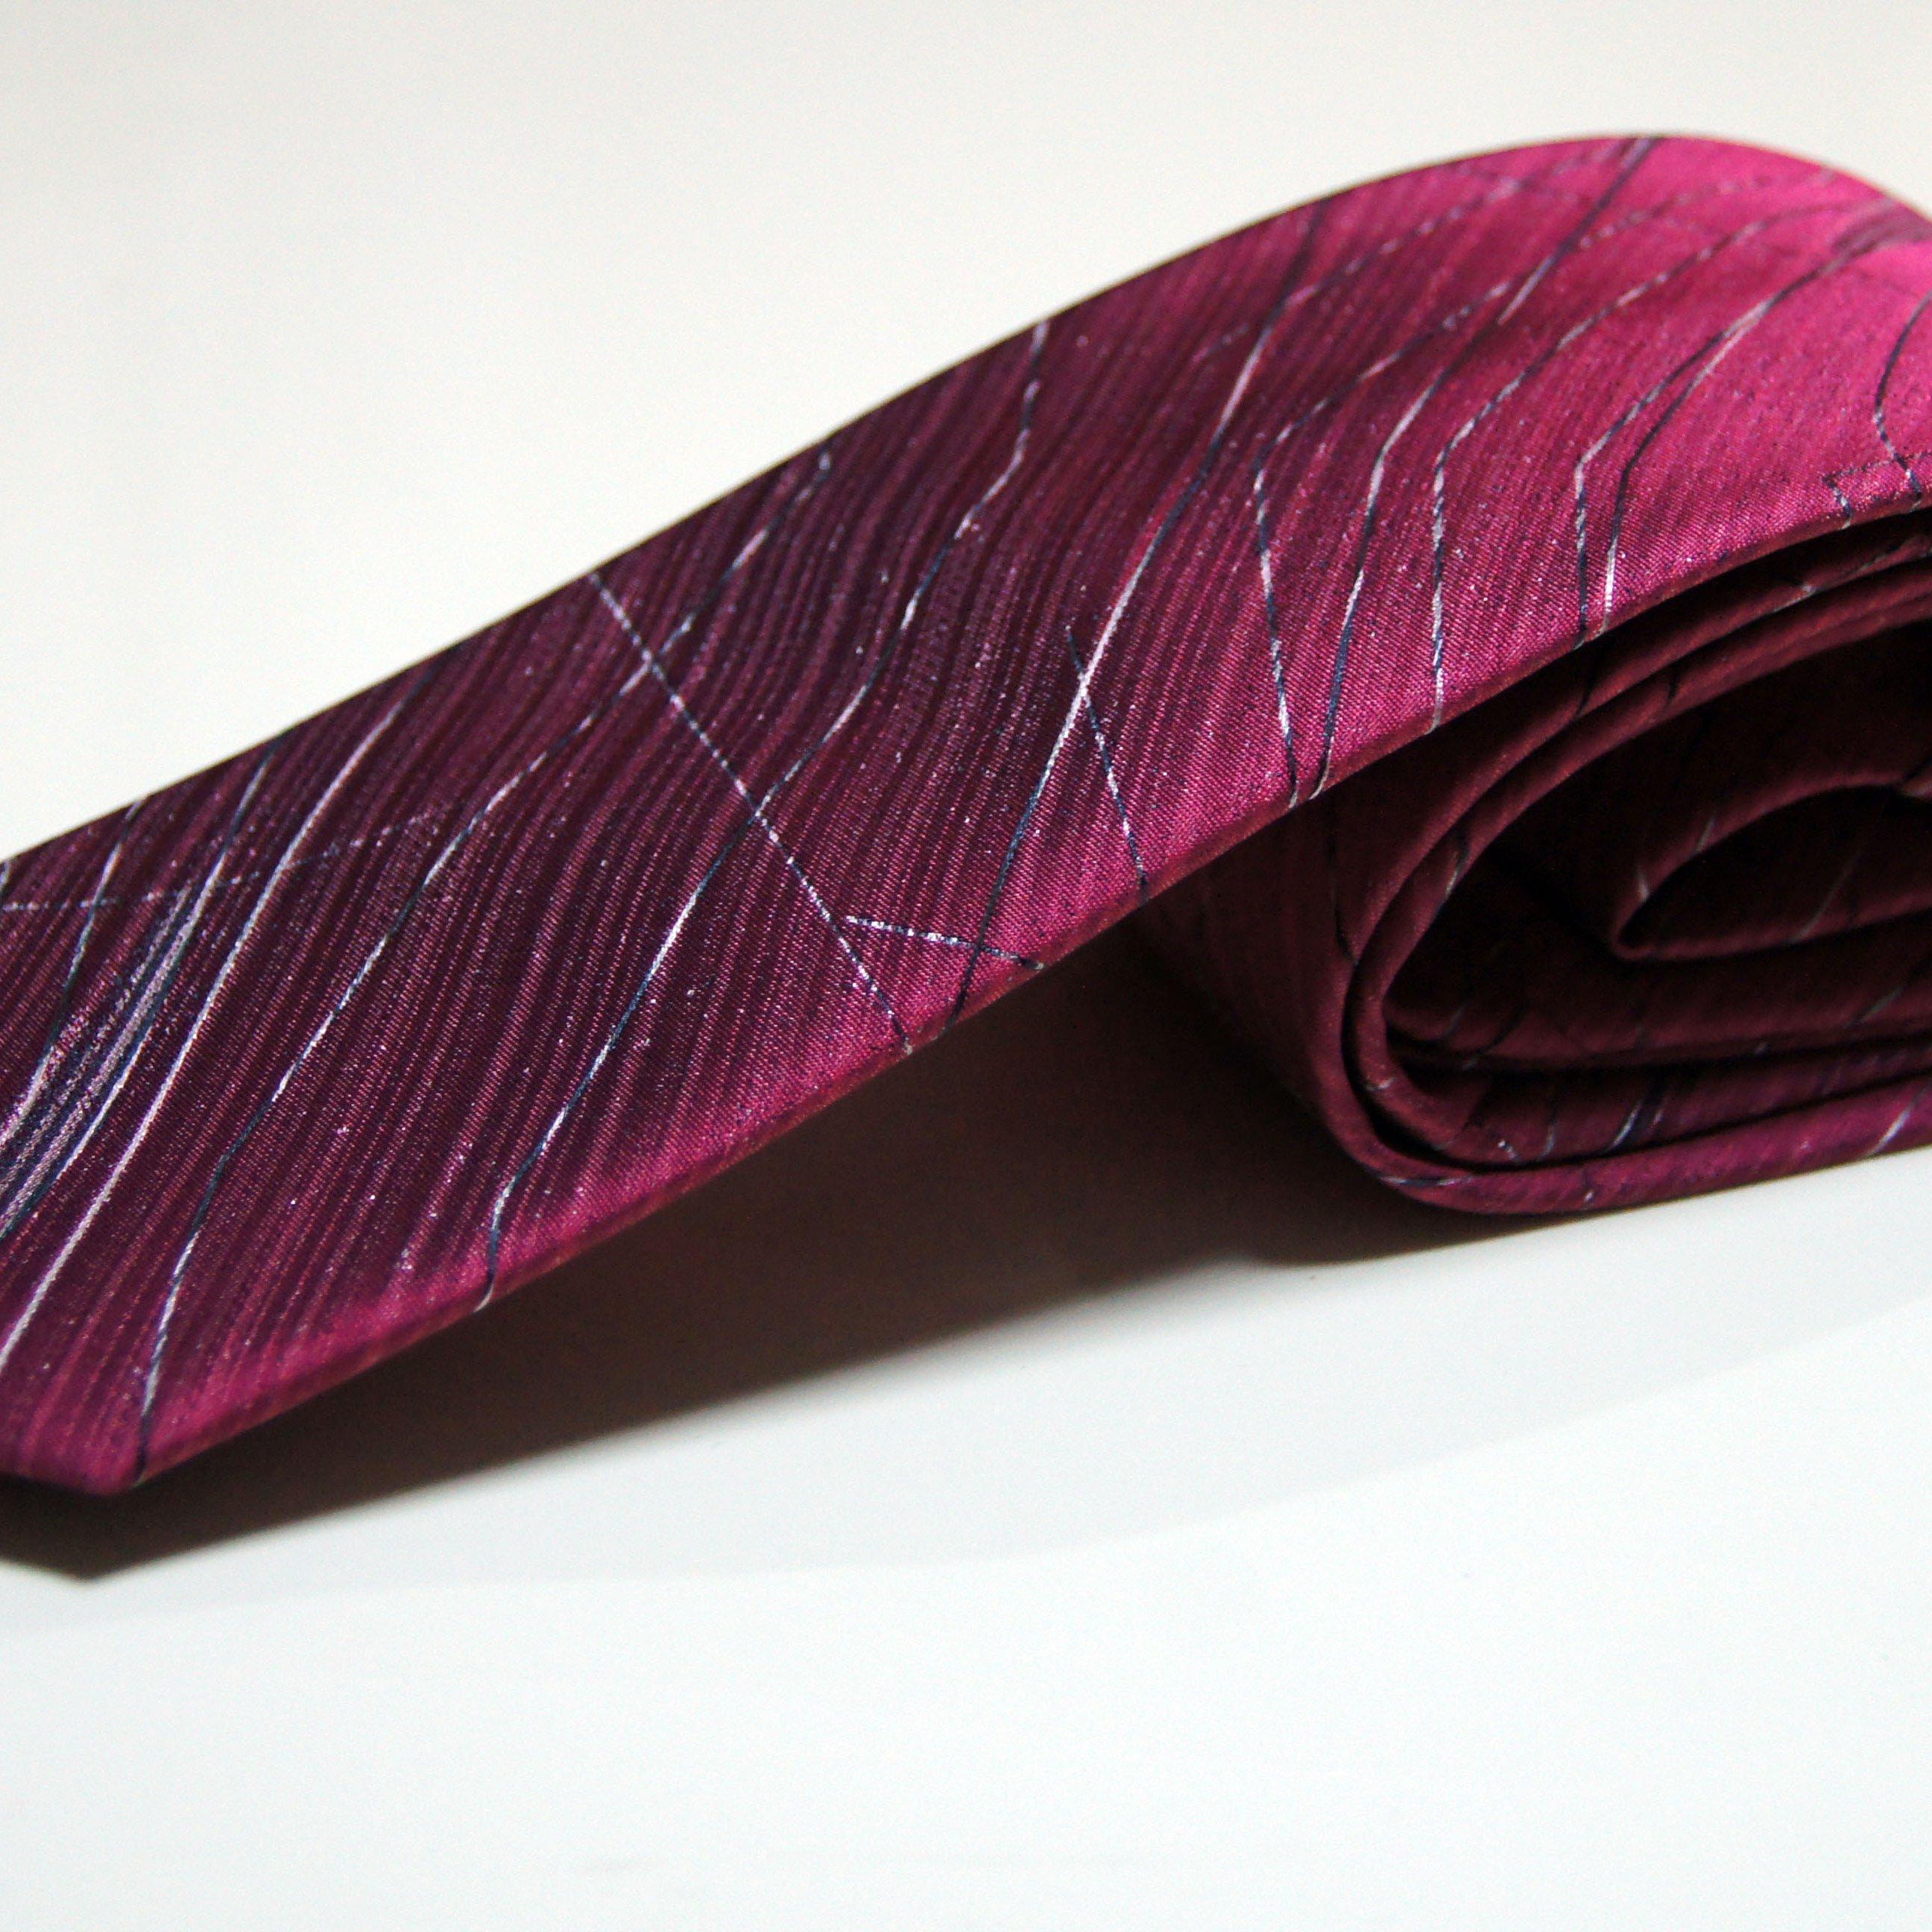 kravate #170 - muska strukirana odela, musko strukirano odelo, strukirana odela, strukirana muska odelamuske kravate cene, kravata za vencanje, svadbu, svadba, mladozenja, mladozenje, beograd, podgorica, uyice, cacak